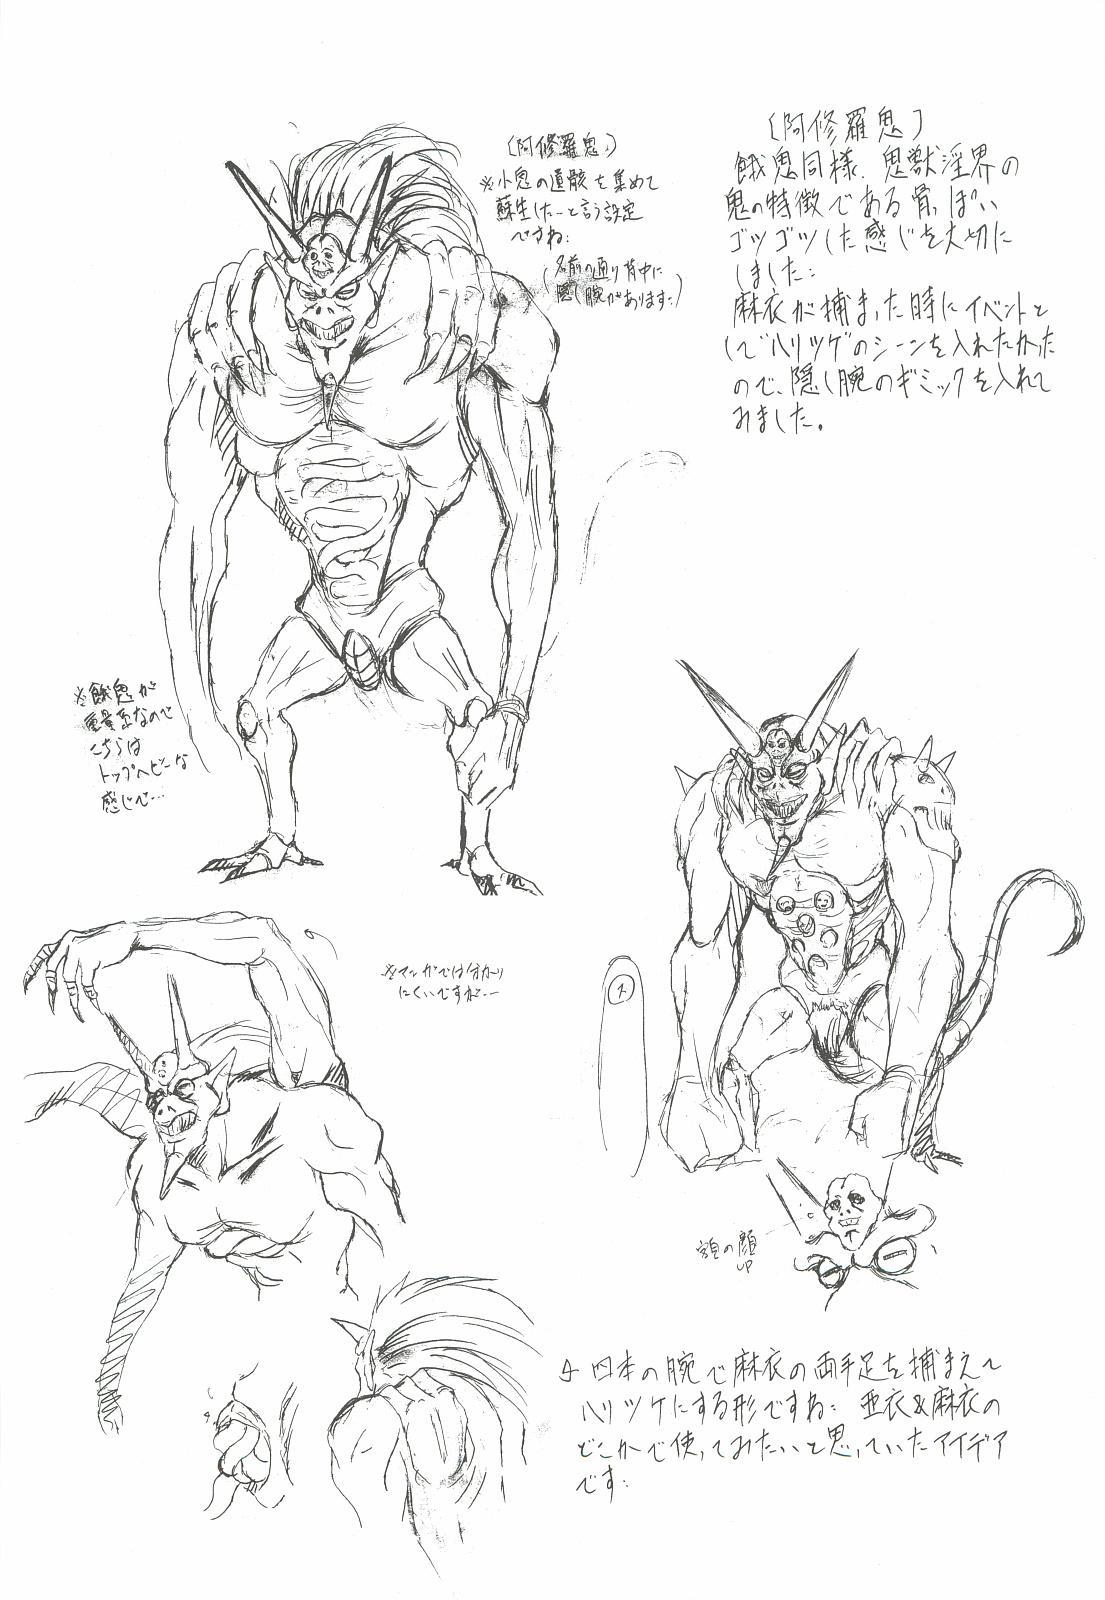 Ai & Mai Gaiden - Kishin Fukkatsu no Shou 151